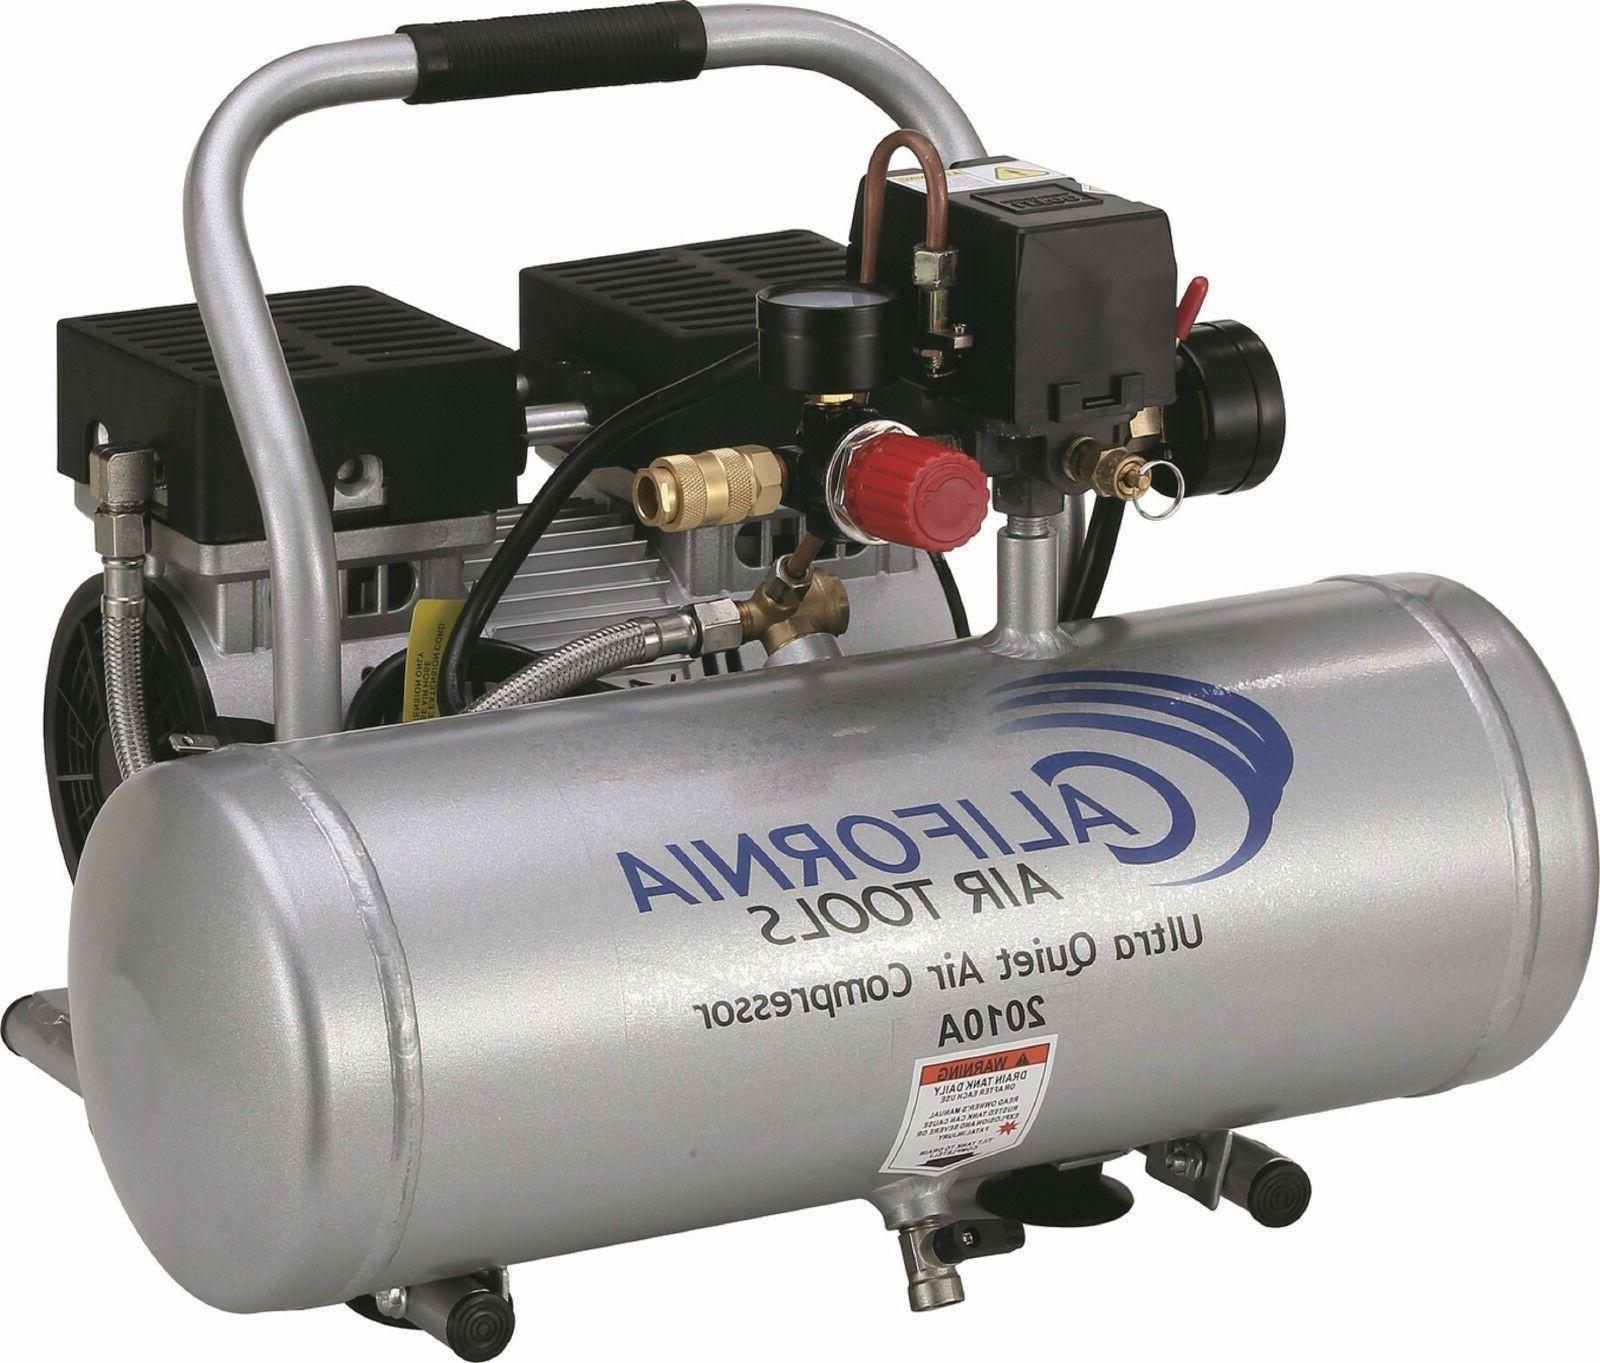 2010a ultra quiet oil free air compressor